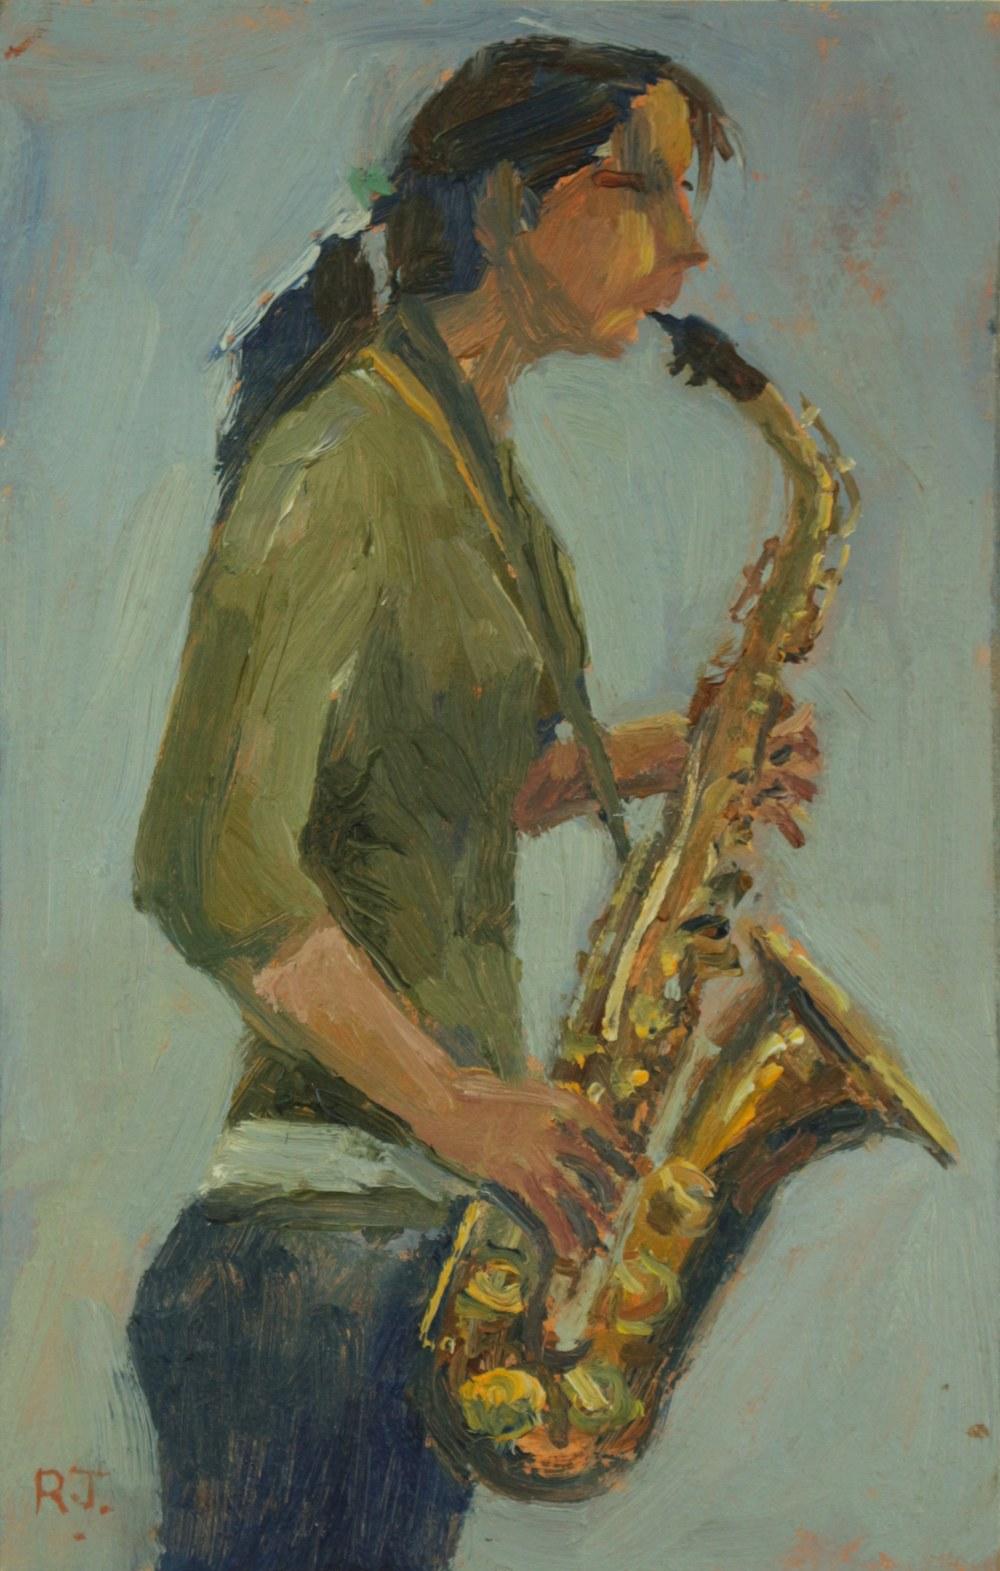 106. saxophonist